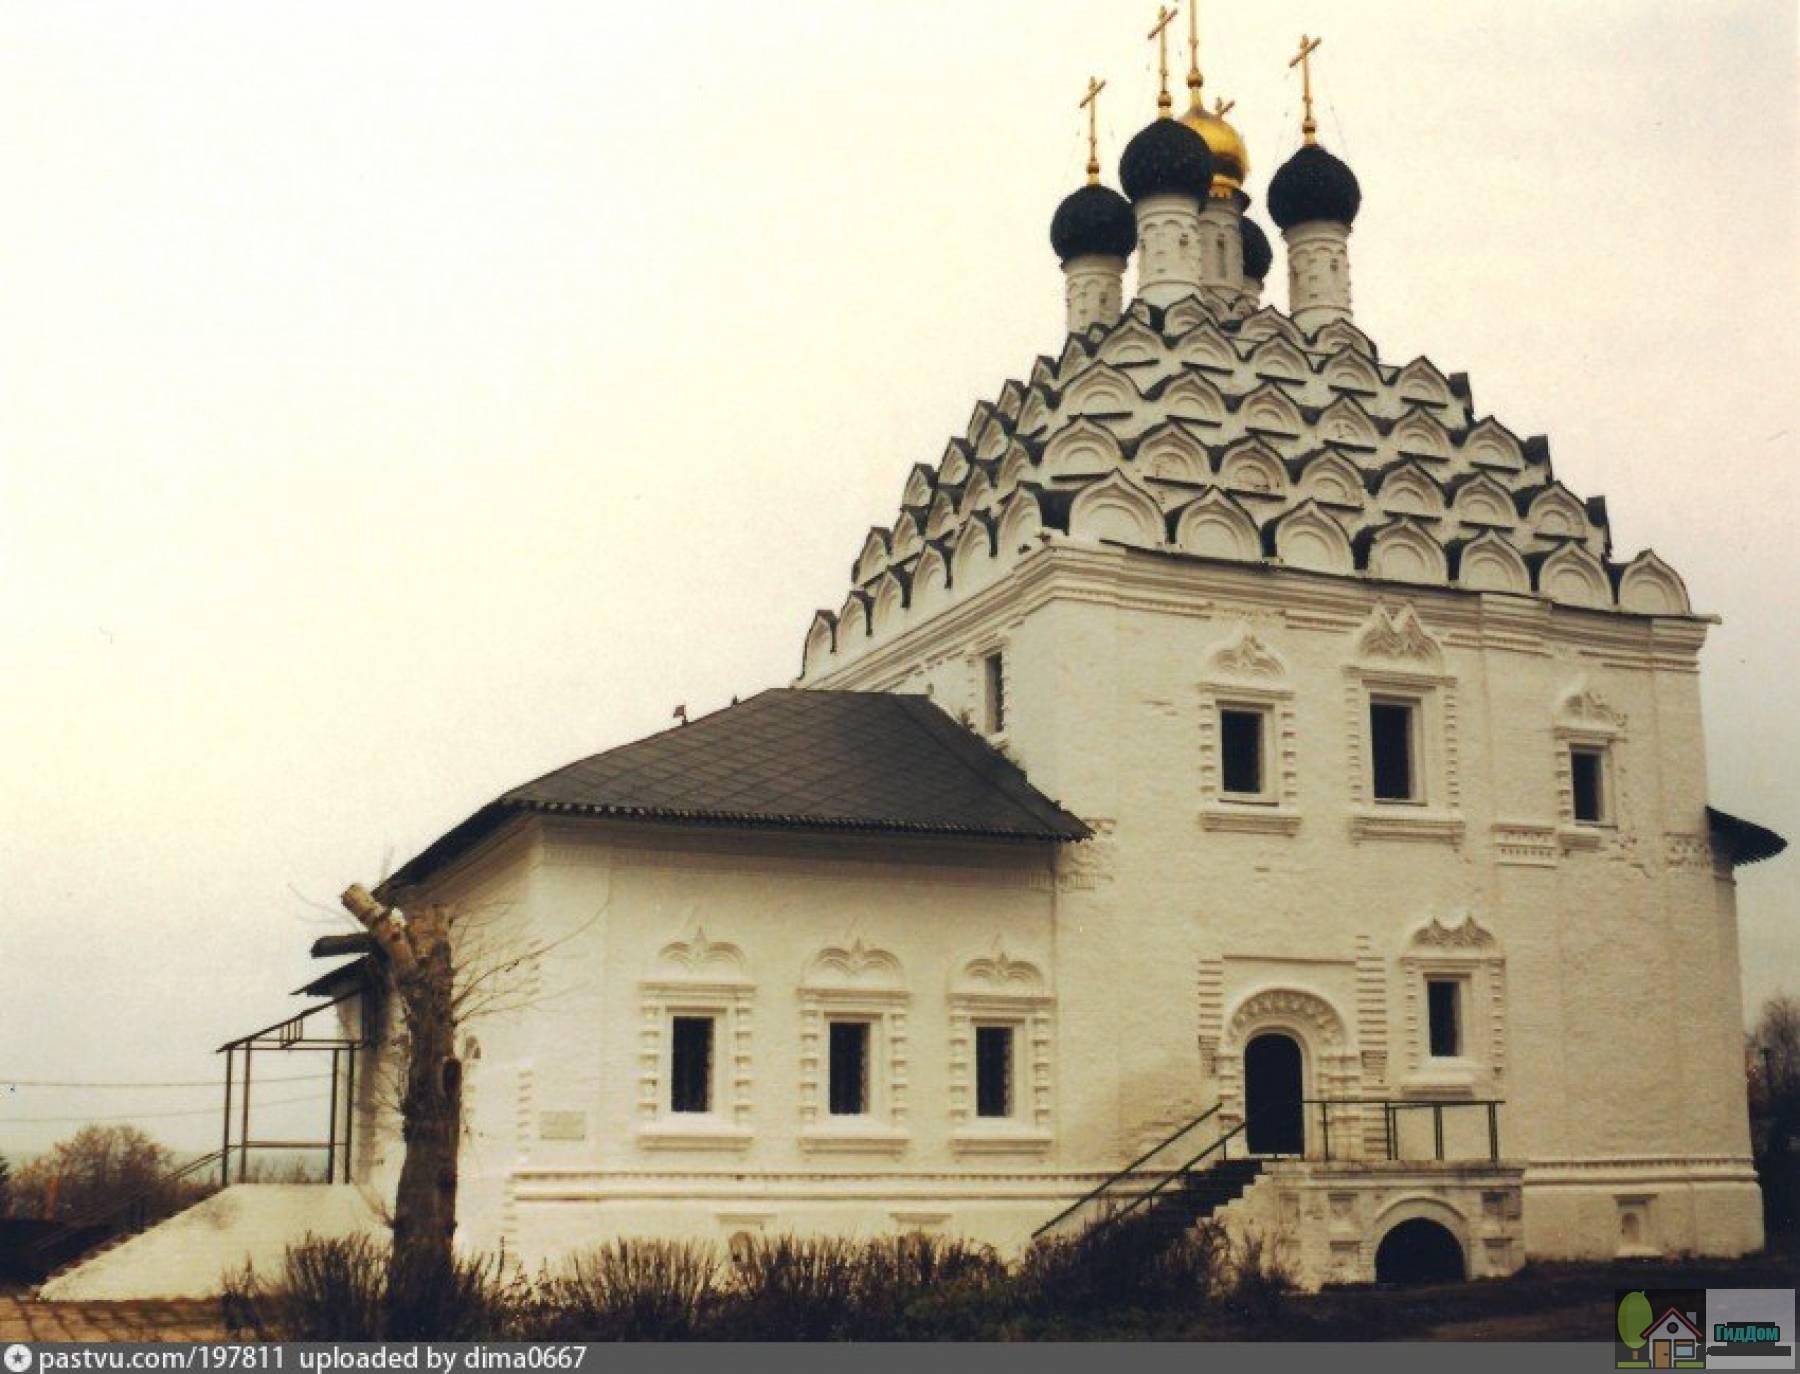 Храм Николы-на-Посаде в 1999 году. Снимок загружен из открытых источников. Автор неизвестен.